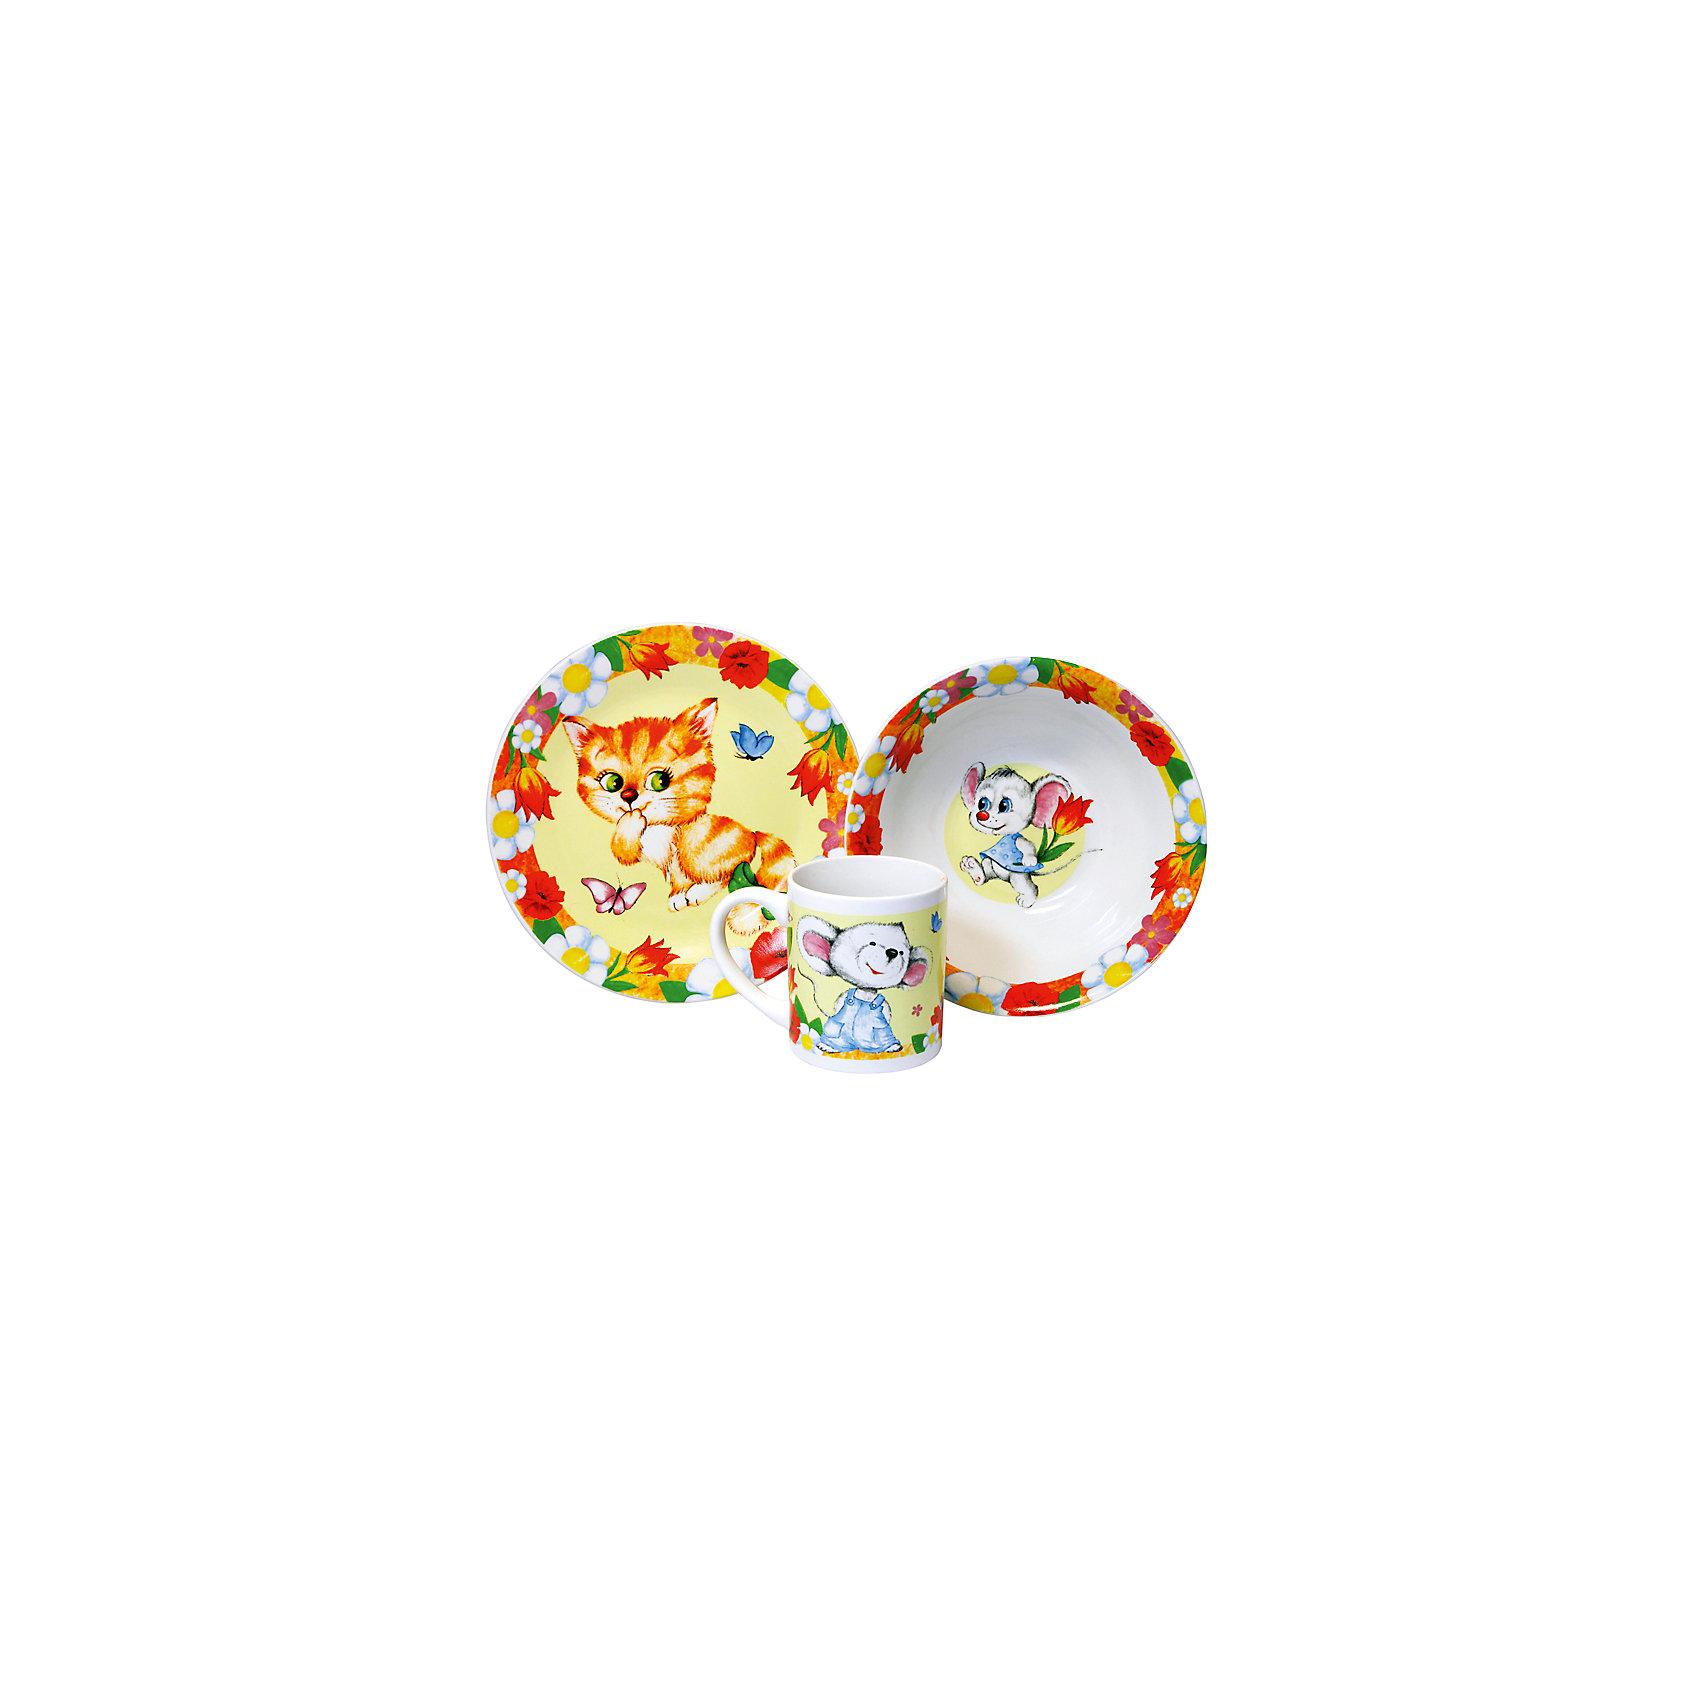 Набор Кошки-мышки (3 предмета, керамика)Набор Кошки-мышки (3 предмета, керамика) – эта яркая красочная посуда поднимет настроение вашему ребенку.<br>Набор красочной детской посуды Кошки-мышки выполненный из качественной керамики, идеально подойдет для повседневного использования. В комплект входят: кружка с удобной ручкой, суповая тарелка, плоская тарелка для вторых блюд и десертов. Яркий набор выполнен в едином стиле, декорирован изображениями милого котенка и забавных мышат. С такой посудой привычная еда станет более вкусной и приятной, а кормление малыша превратится в веселую и интересную игру.<br><br>Дополнительная информация:<br><br>- В наборе: кружка, суповая тарелка, тарелка<br>- Материал: керамика<br>- Диаметр плоской тарелки для вторых блюд и десертов: 19 см.<br>- Диаметр суповой тарелки: 18 см.<br>- Объем кружки: 240 мл.<br>- Упаковка: подарочная коробка<br>- Размер упаковки: 25 x 8,5 x 20 см.<br>- Вес: 912 гр.<br>- Пригодна для мытья в посудомоечной машине<br><br>Набор Кошки-мышки (3 предмета, керамика) можно купить в нашем интернет-магазине.<br><br>Ширина мм: 250<br>Глубина мм: 85<br>Высота мм: 200<br>Вес г: 912<br>Возраст от месяцев: 36<br>Возраст до месяцев: 144<br>Пол: Унисекс<br>Возраст: Детский<br>SKU: 4606789